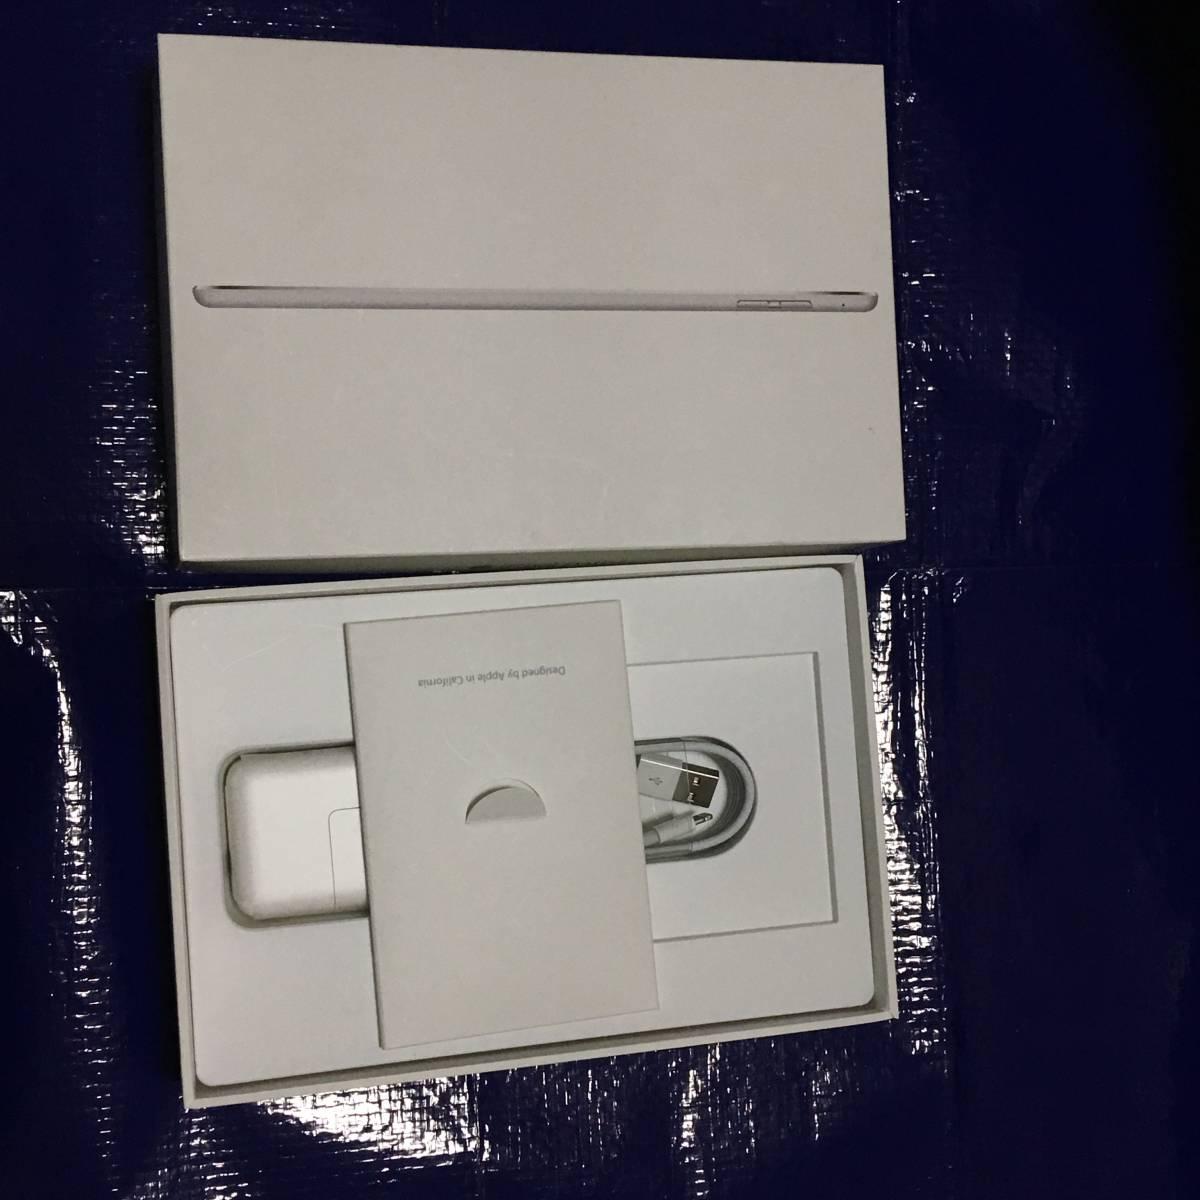 中古 iPad mini 4 Cellular 128GB シルバー Simフリー版_画像7